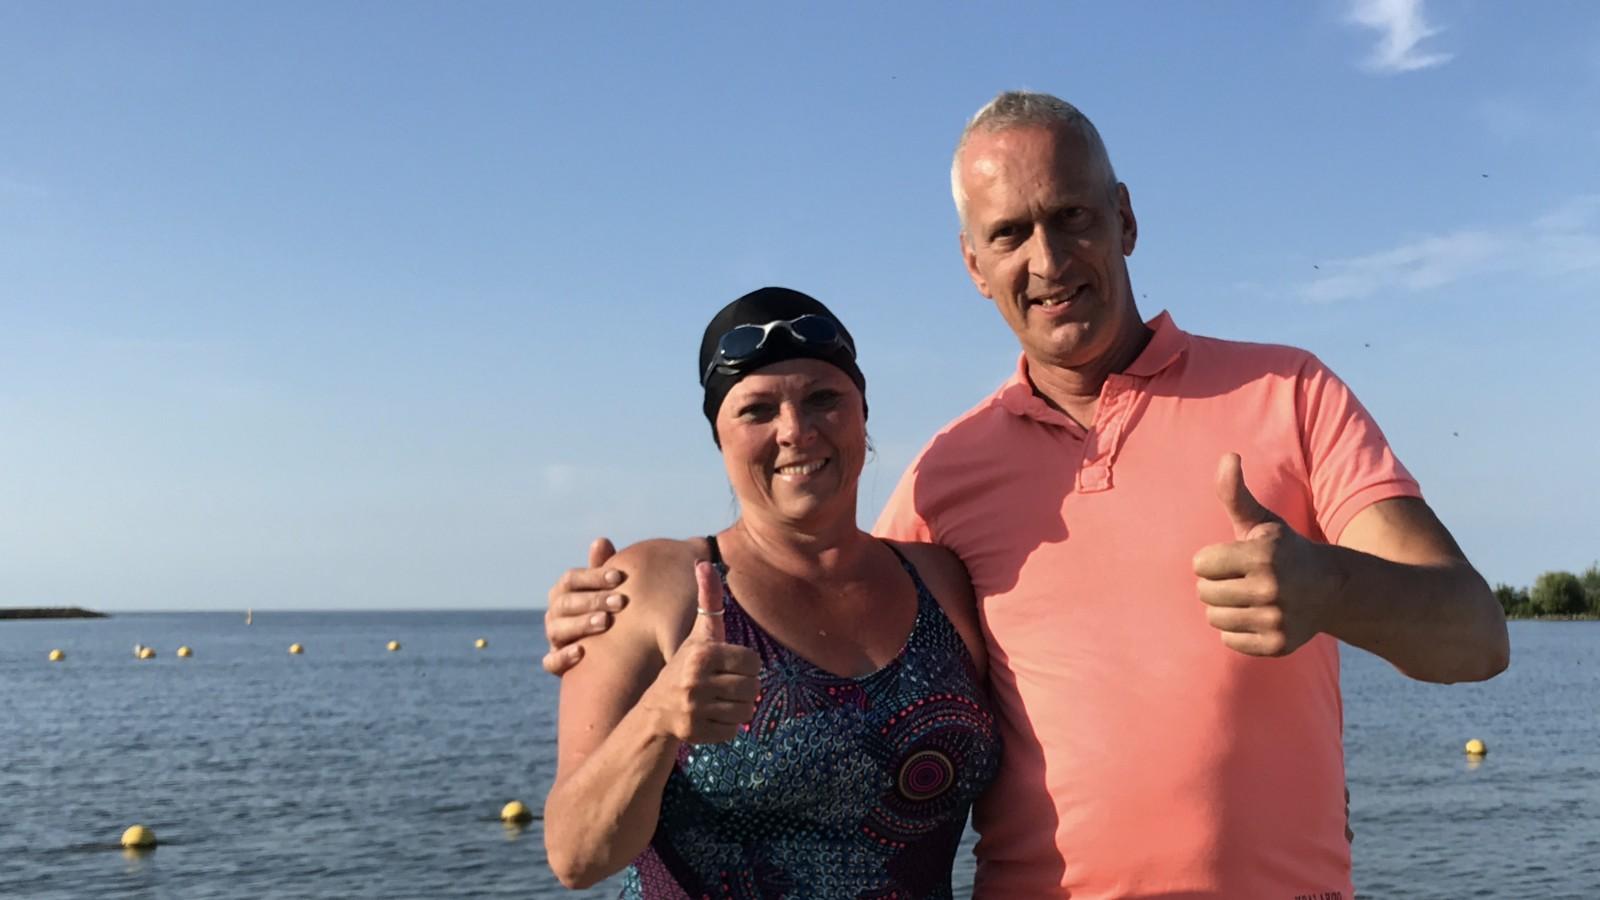 Ada Hijlkema uit Hippolytushoef zwemt zaterdag 2km mee met Maarten van der Weijden | Hollands Kroon Actueel - Hollands Kroon Actueel